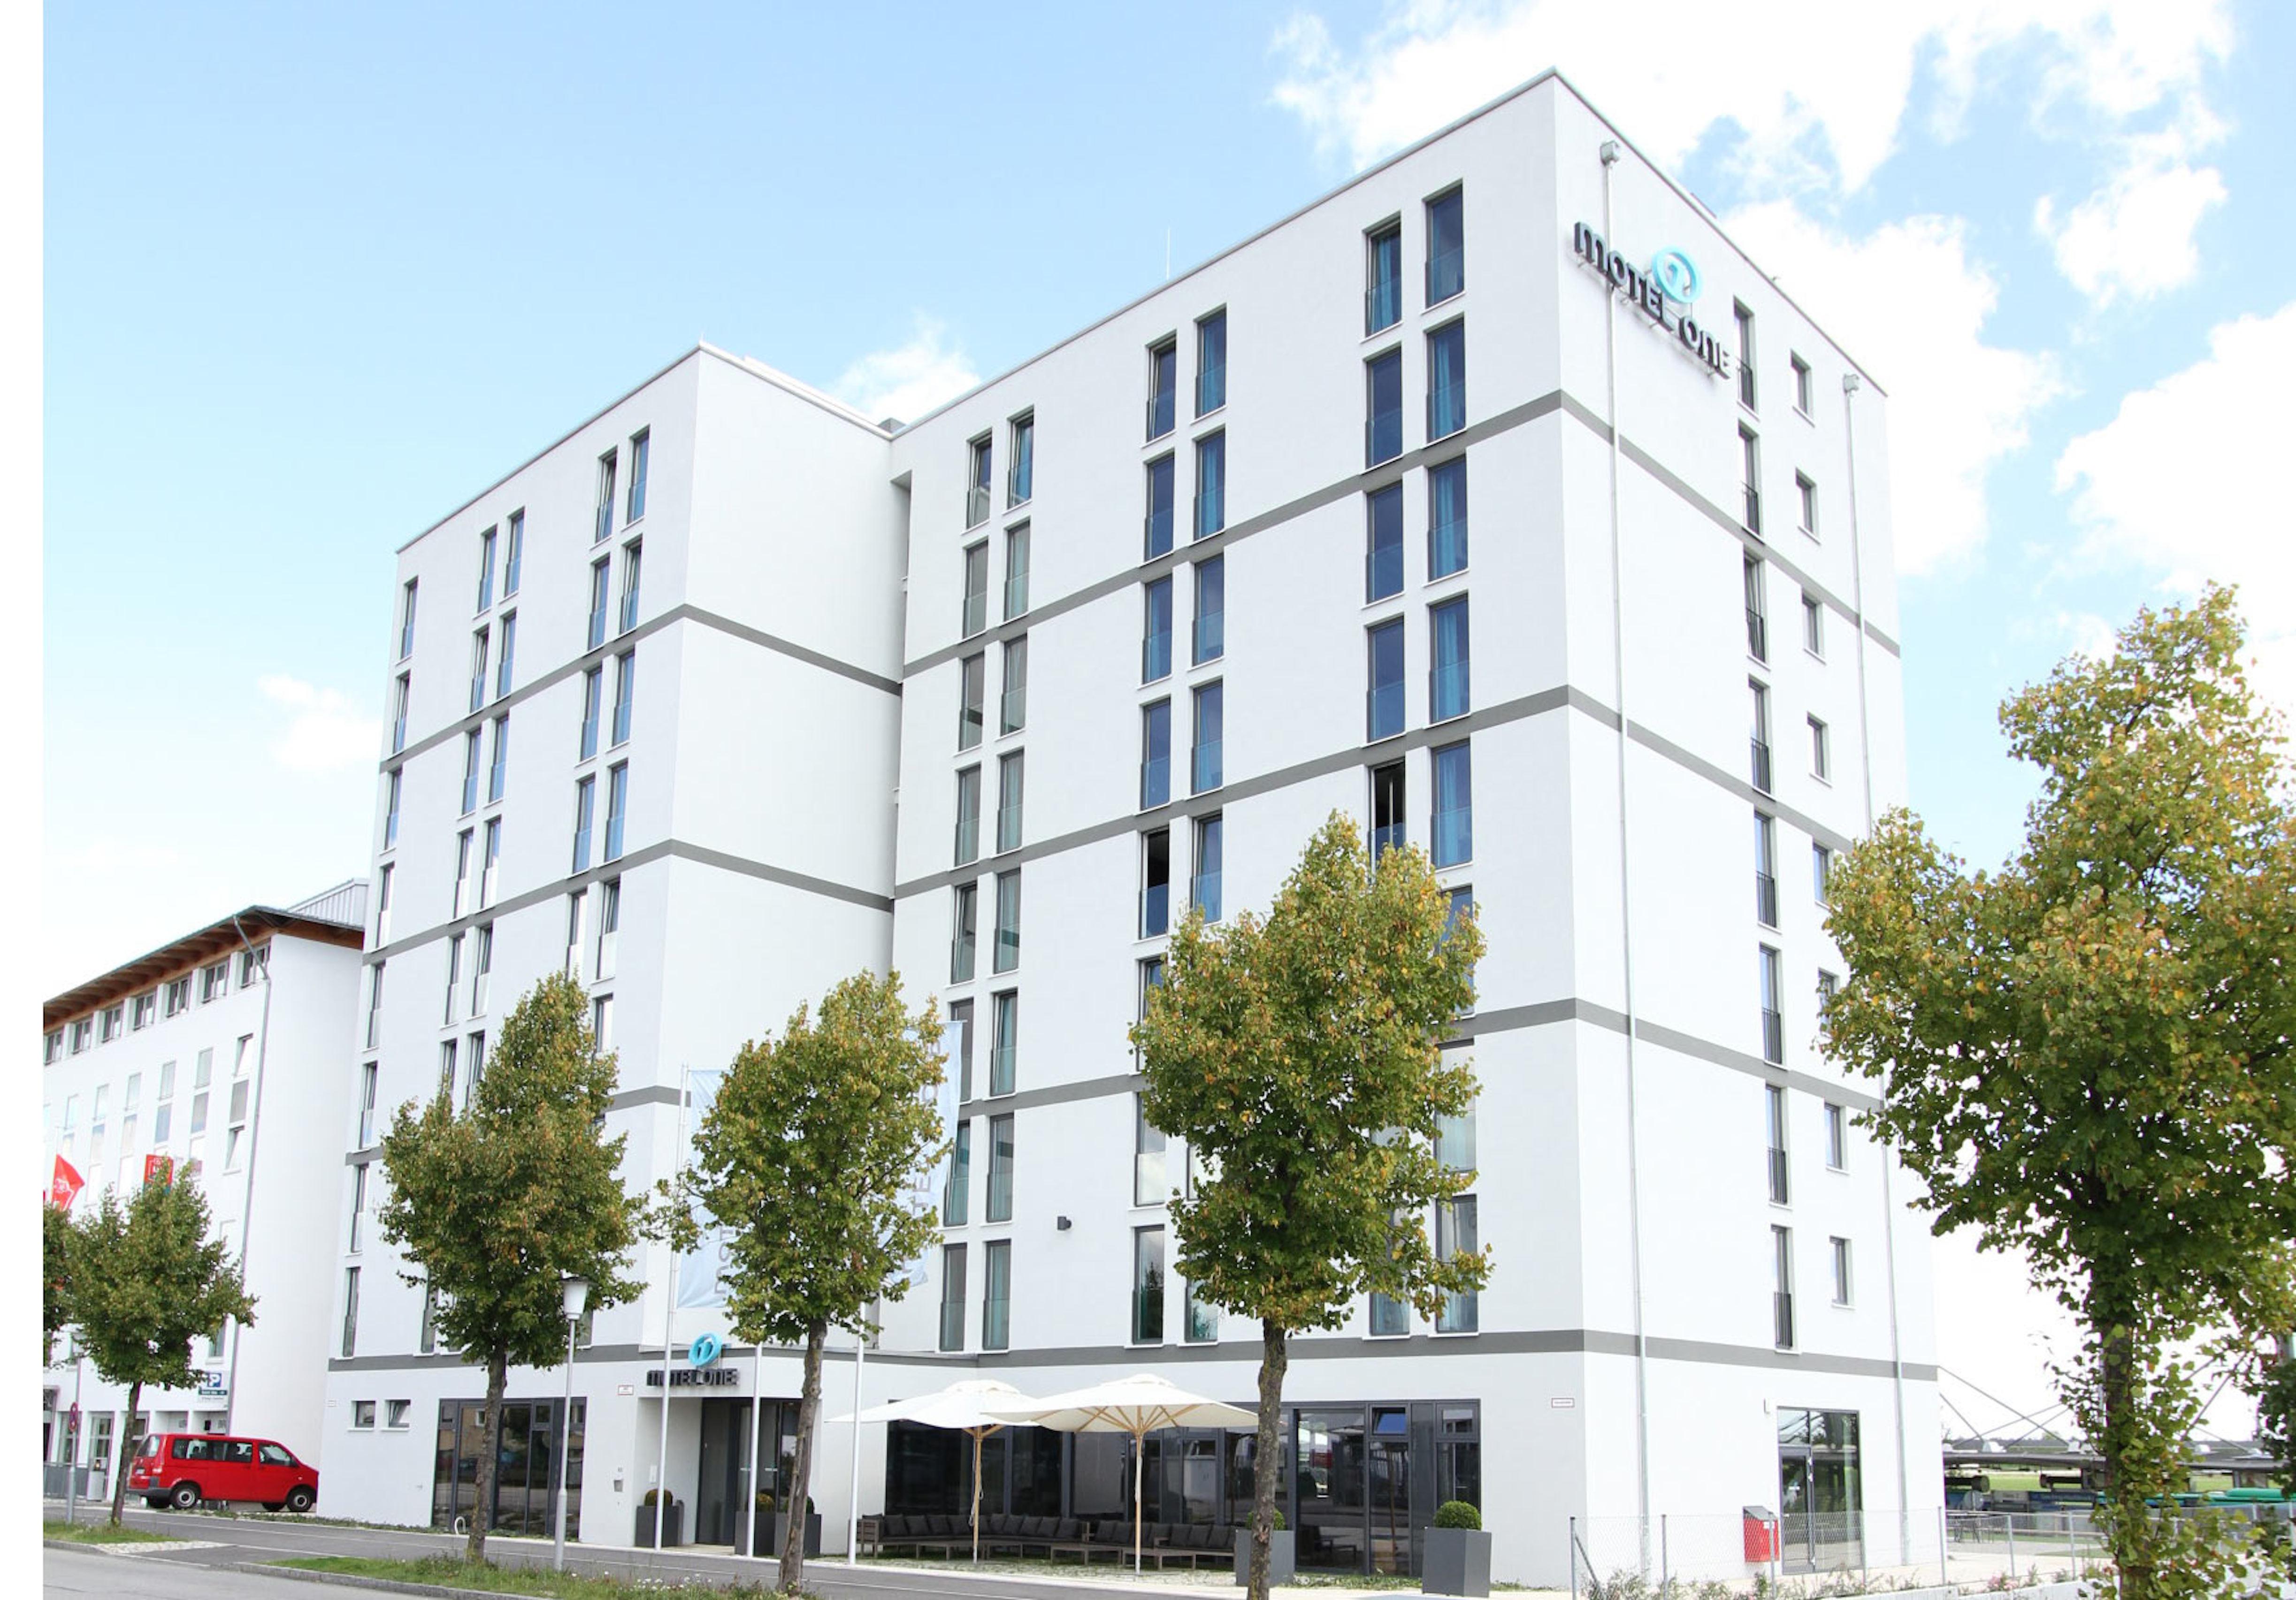 Hotel Munchen Garching Motel One Design Hotels Munchen Garching